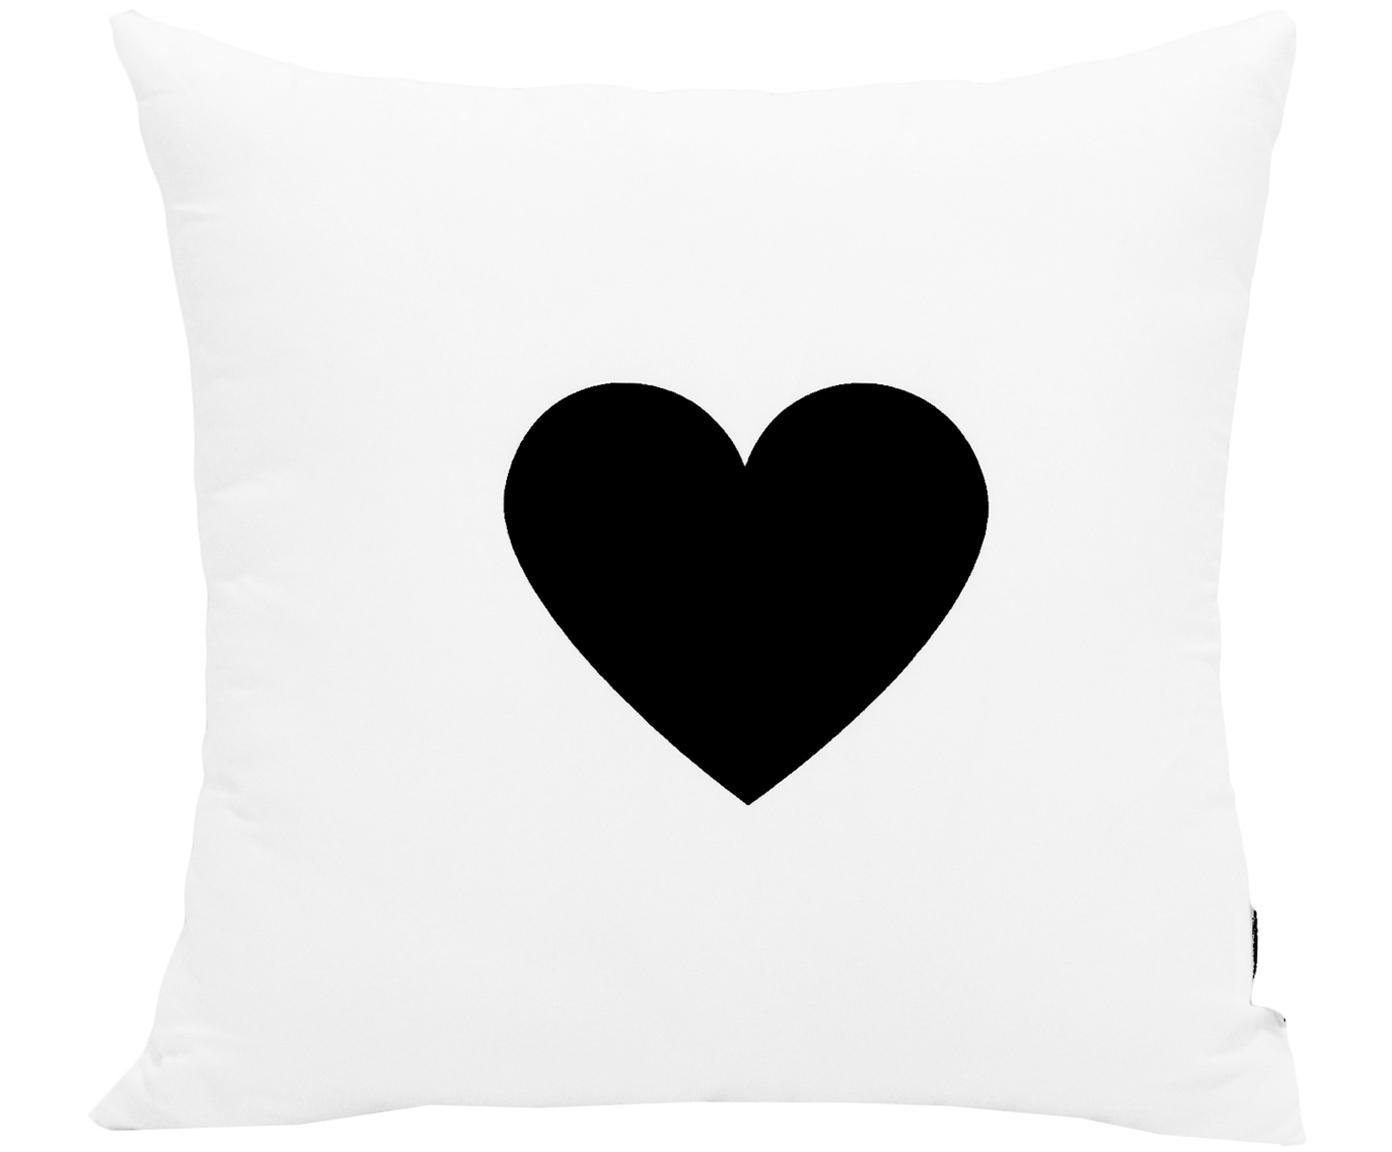 Komplet poszewek Love, 2 elem., 100% poliester, Czarny, biały, S 40 x D 40 cm